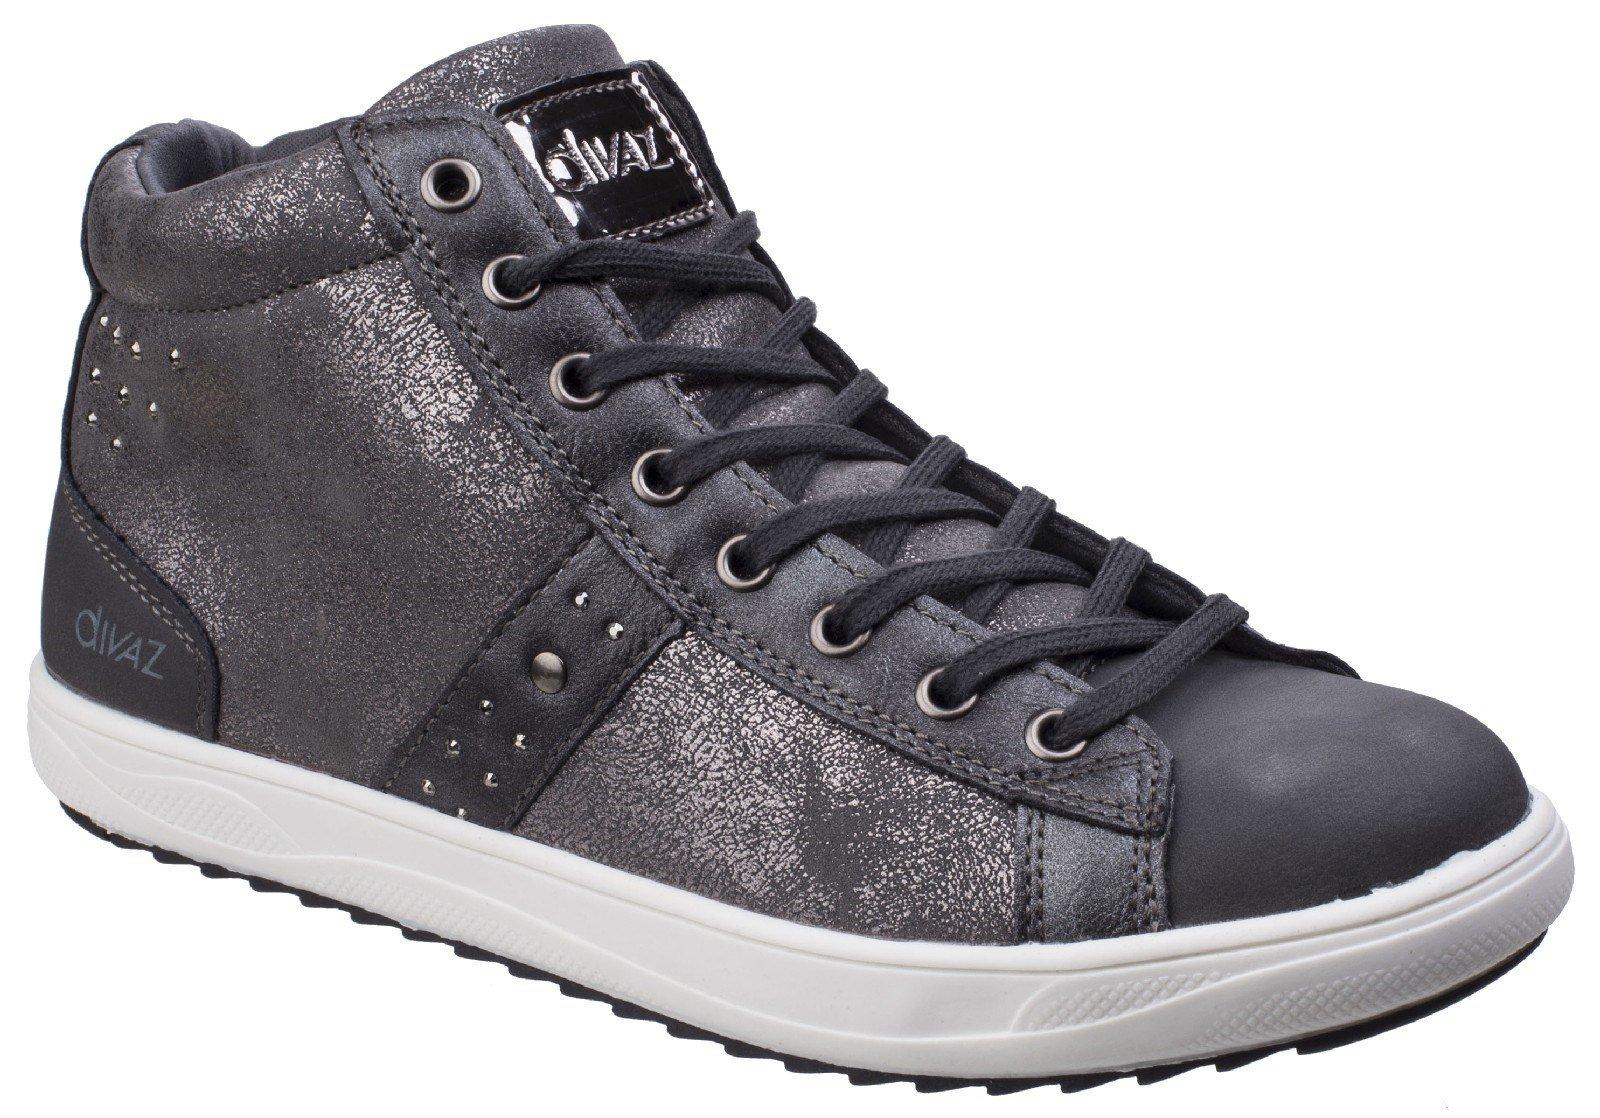 Divaz Women's Steffy Metallic Trainer Boot Black 25569-42559 - Grey 3